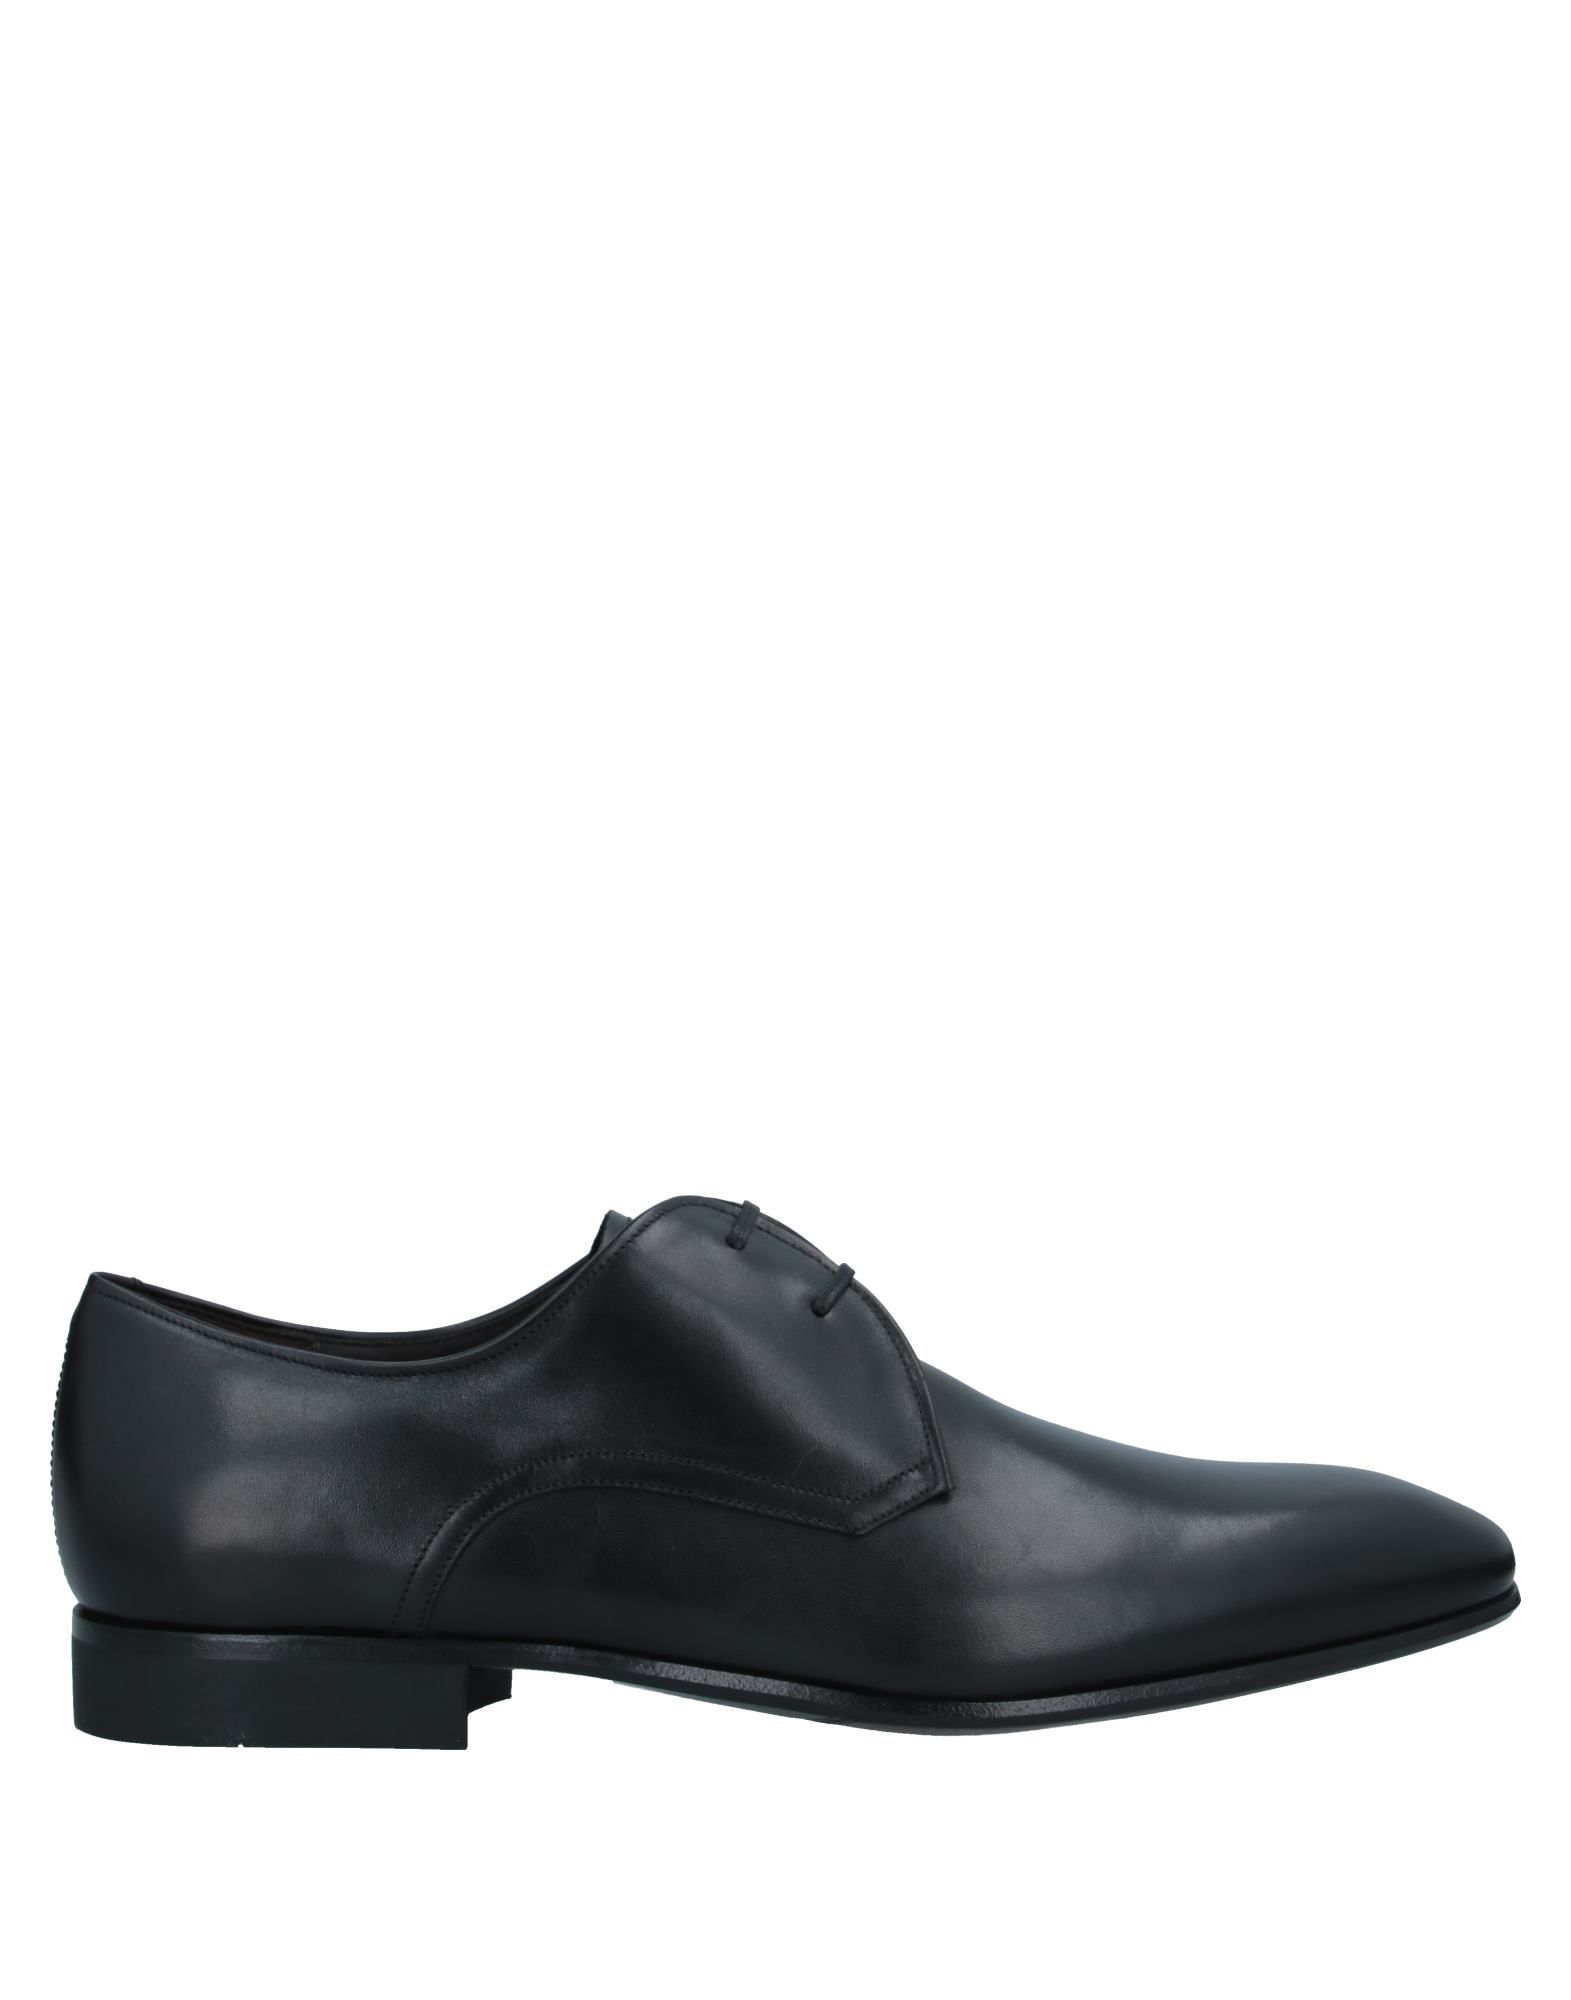 SALVATORE FERRAGAMO STUDIO Обувь на шнурках my studio обувь на шнурках